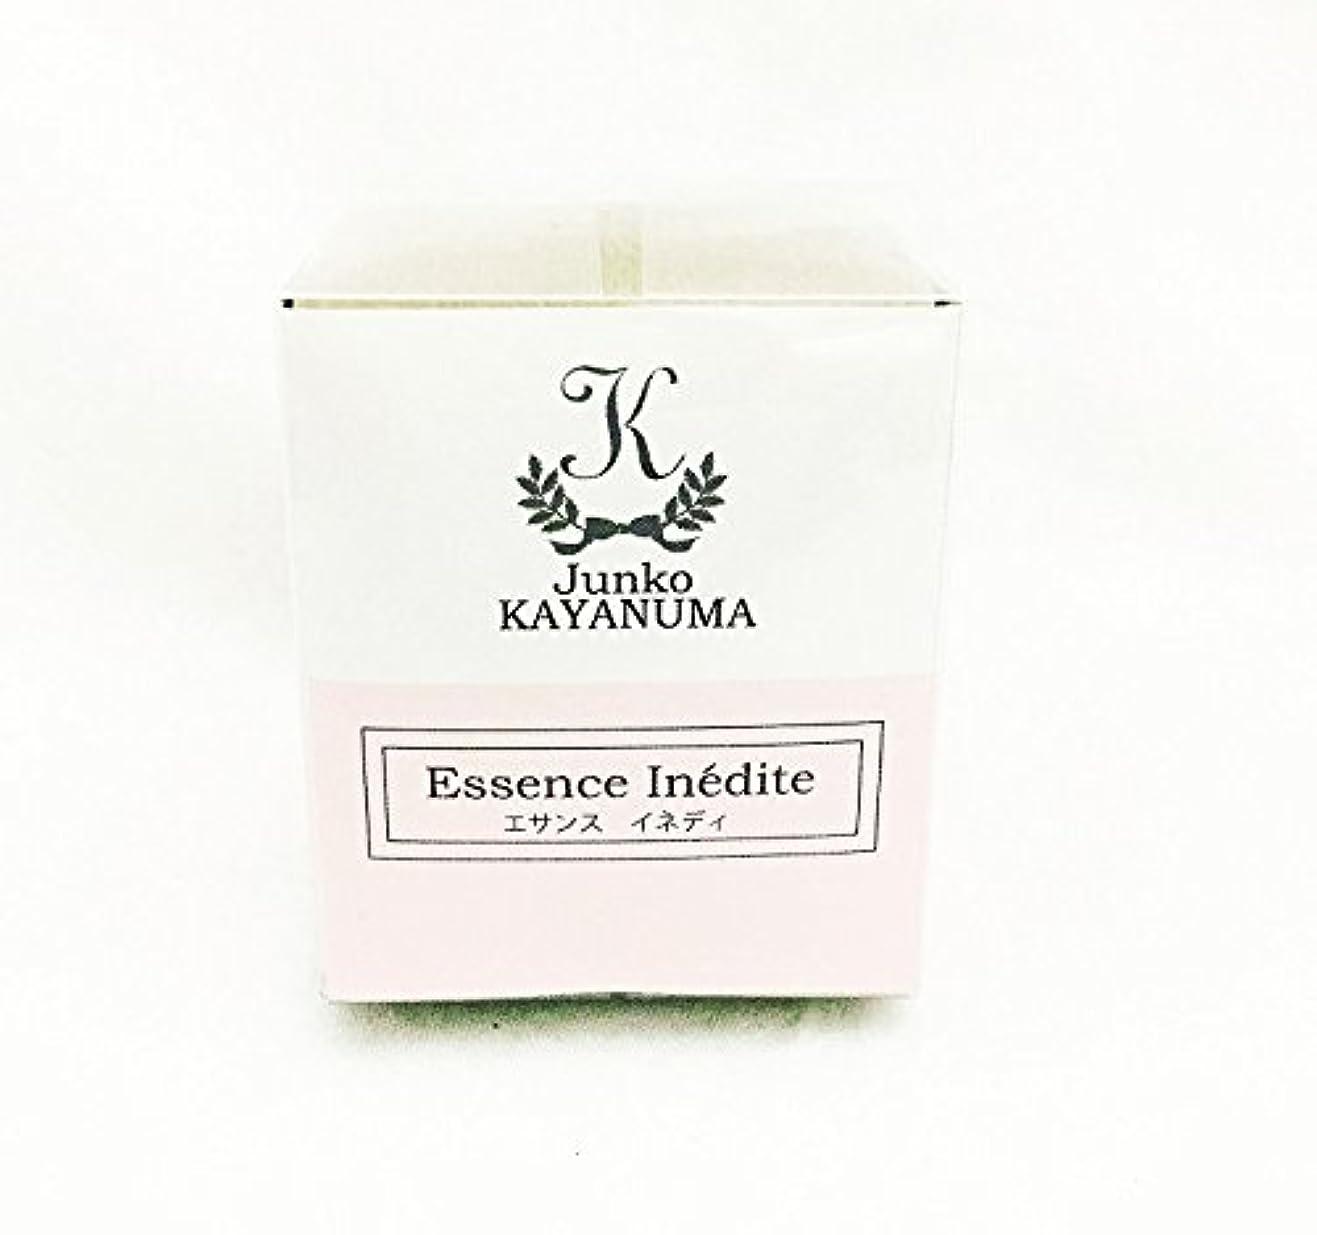 悲しいことにもう一度海里カドゥー 茅沼順子薬局 Junko KAYANUMA(ジュンコカヤヌマ) エサンスイネディ(使い切り美容液) 5ml×5個